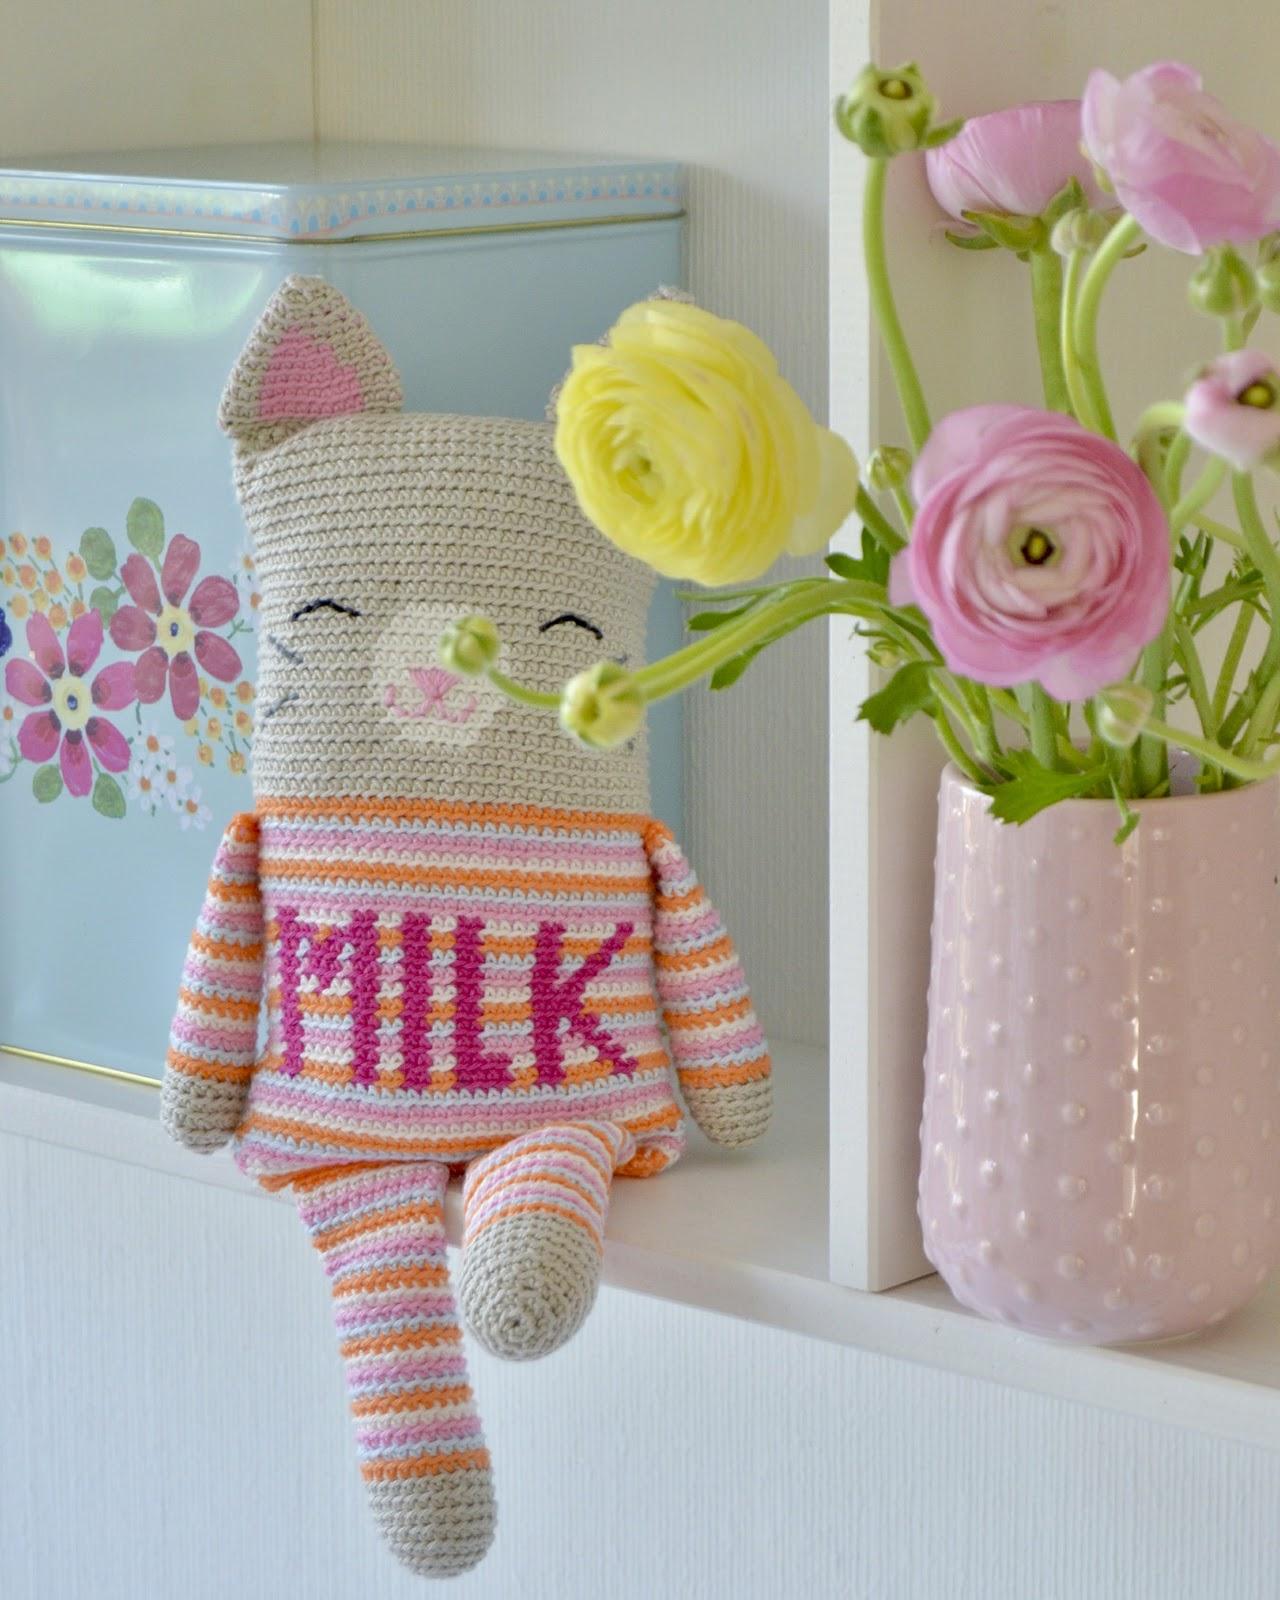 Madebyleen Blog Over Haken Crochet Blog Hoe Het Idee Van Deze